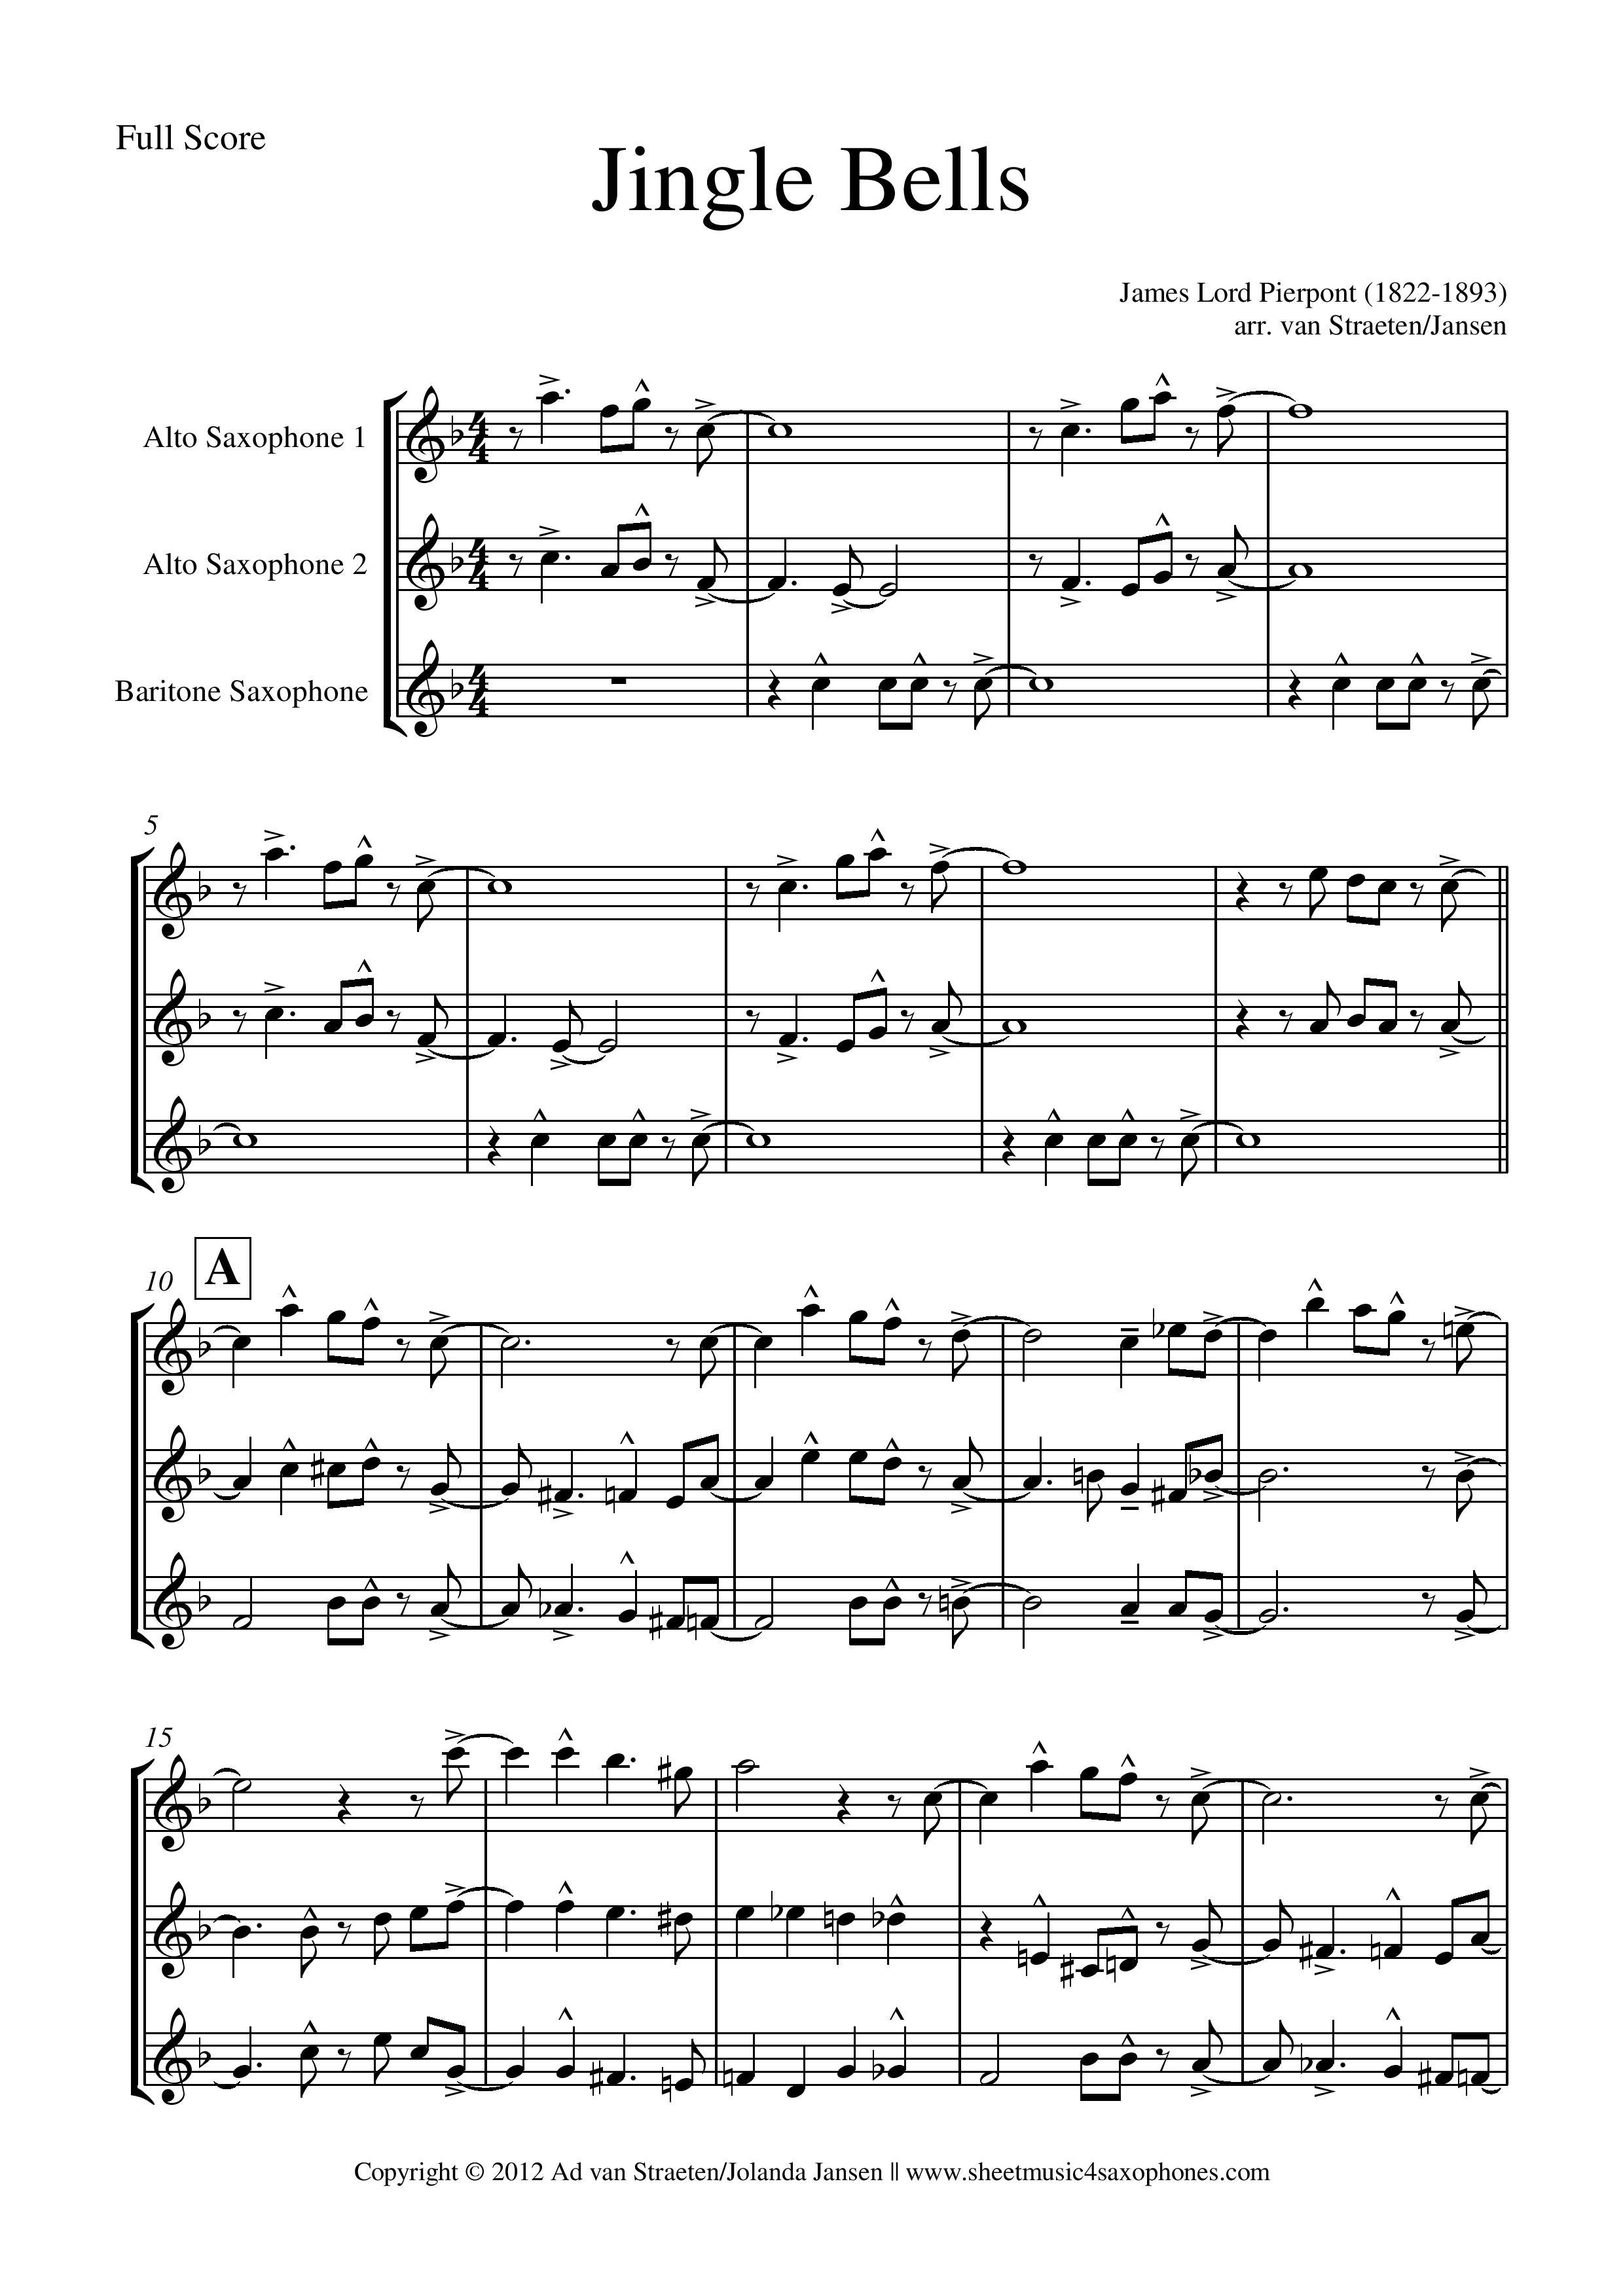 Pierpont: Jingle Bells for Saxophone Quartet, Quintet, Trio and Duo